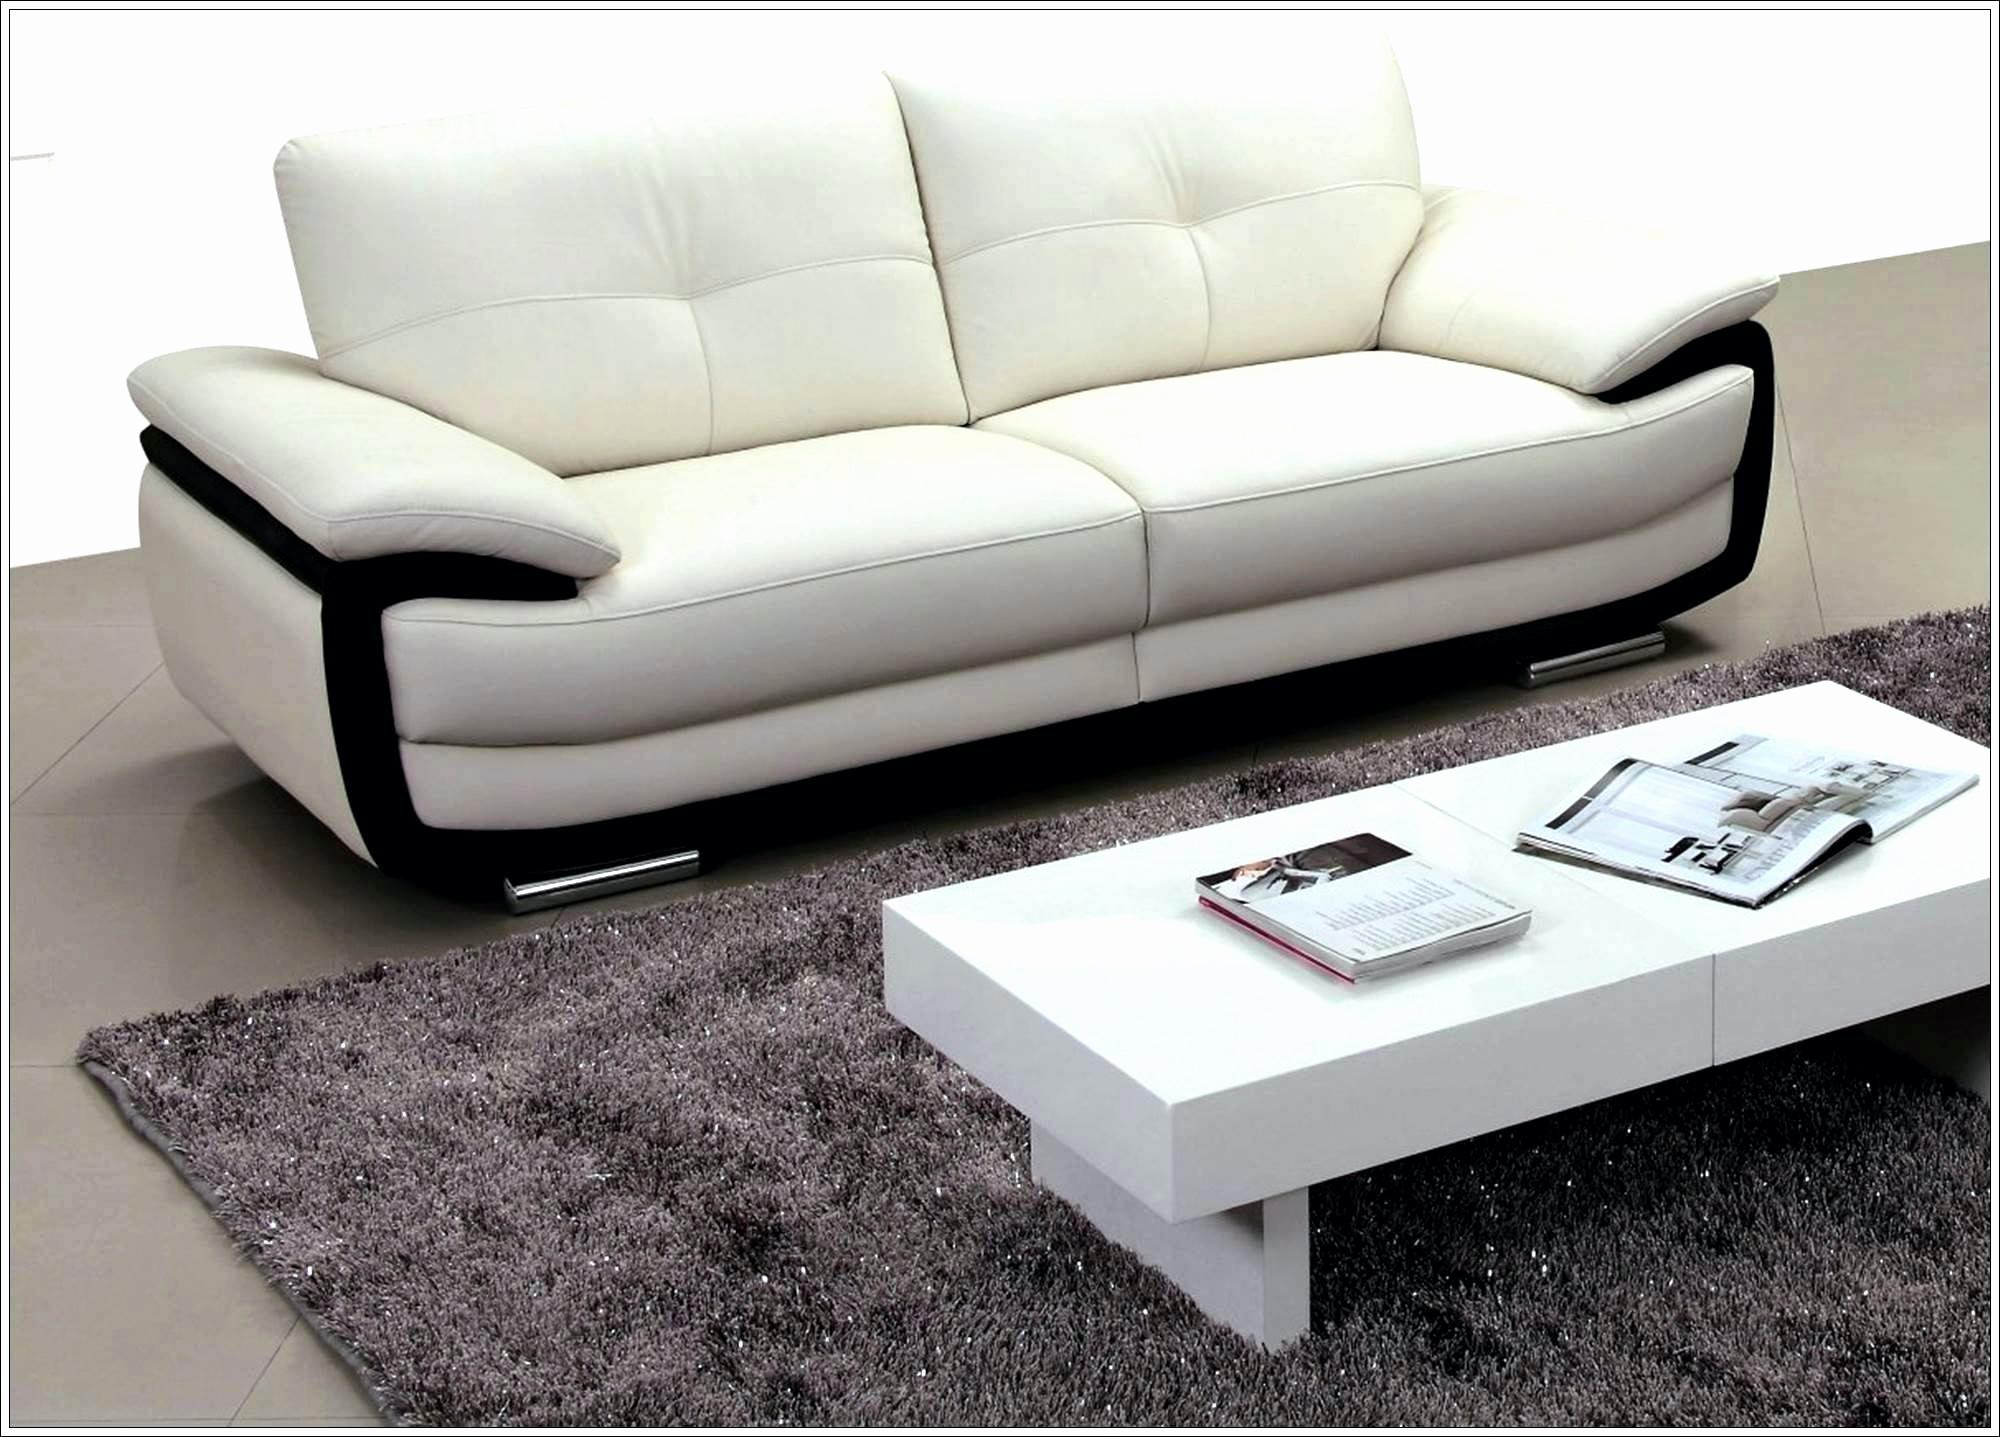 Canape Angle Cuir Conforama Frais Stock Salon Cuir Conforama Nouveau 15 Inspirant Canape Convertible but